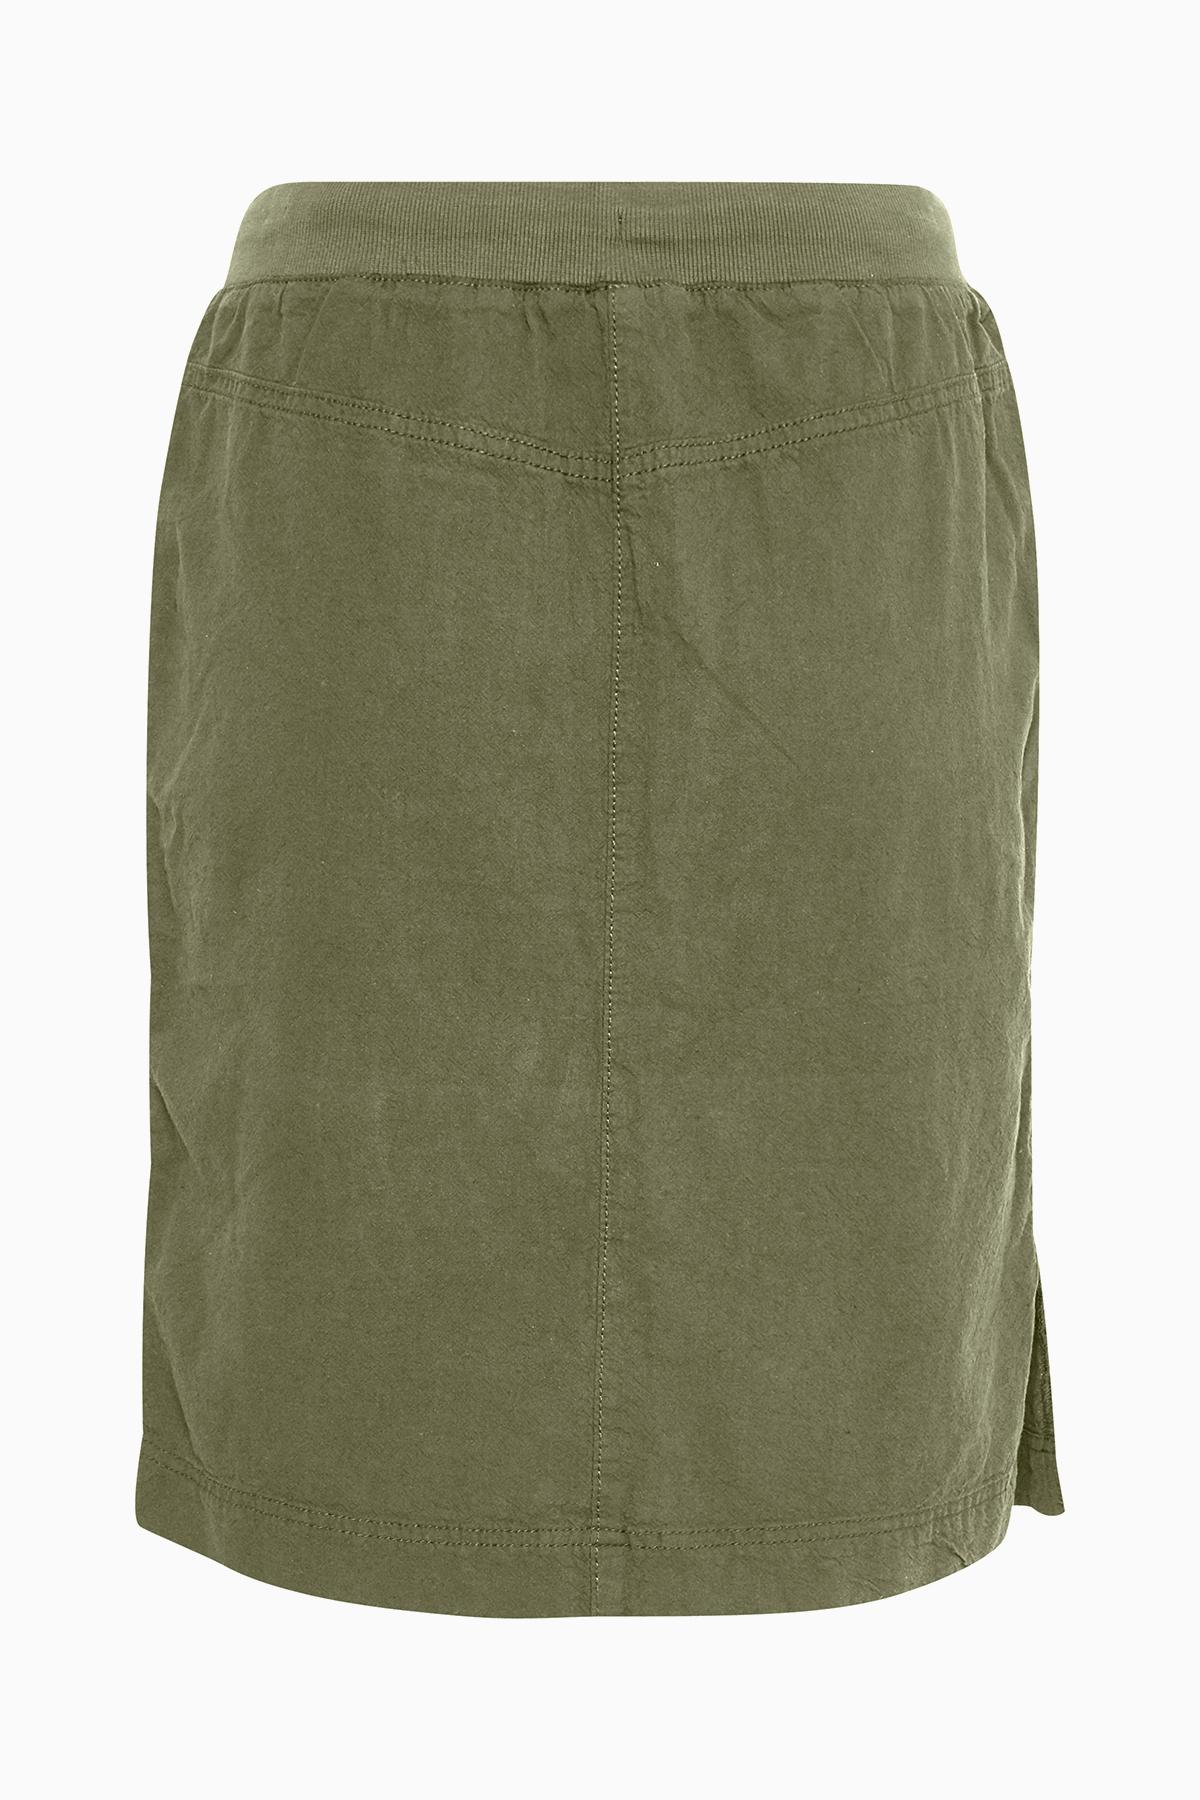 Støvet olivengrøn Nederdel fra Kaffe – Køb Støvet olivengrøn Nederdel fra str. 34-46 her